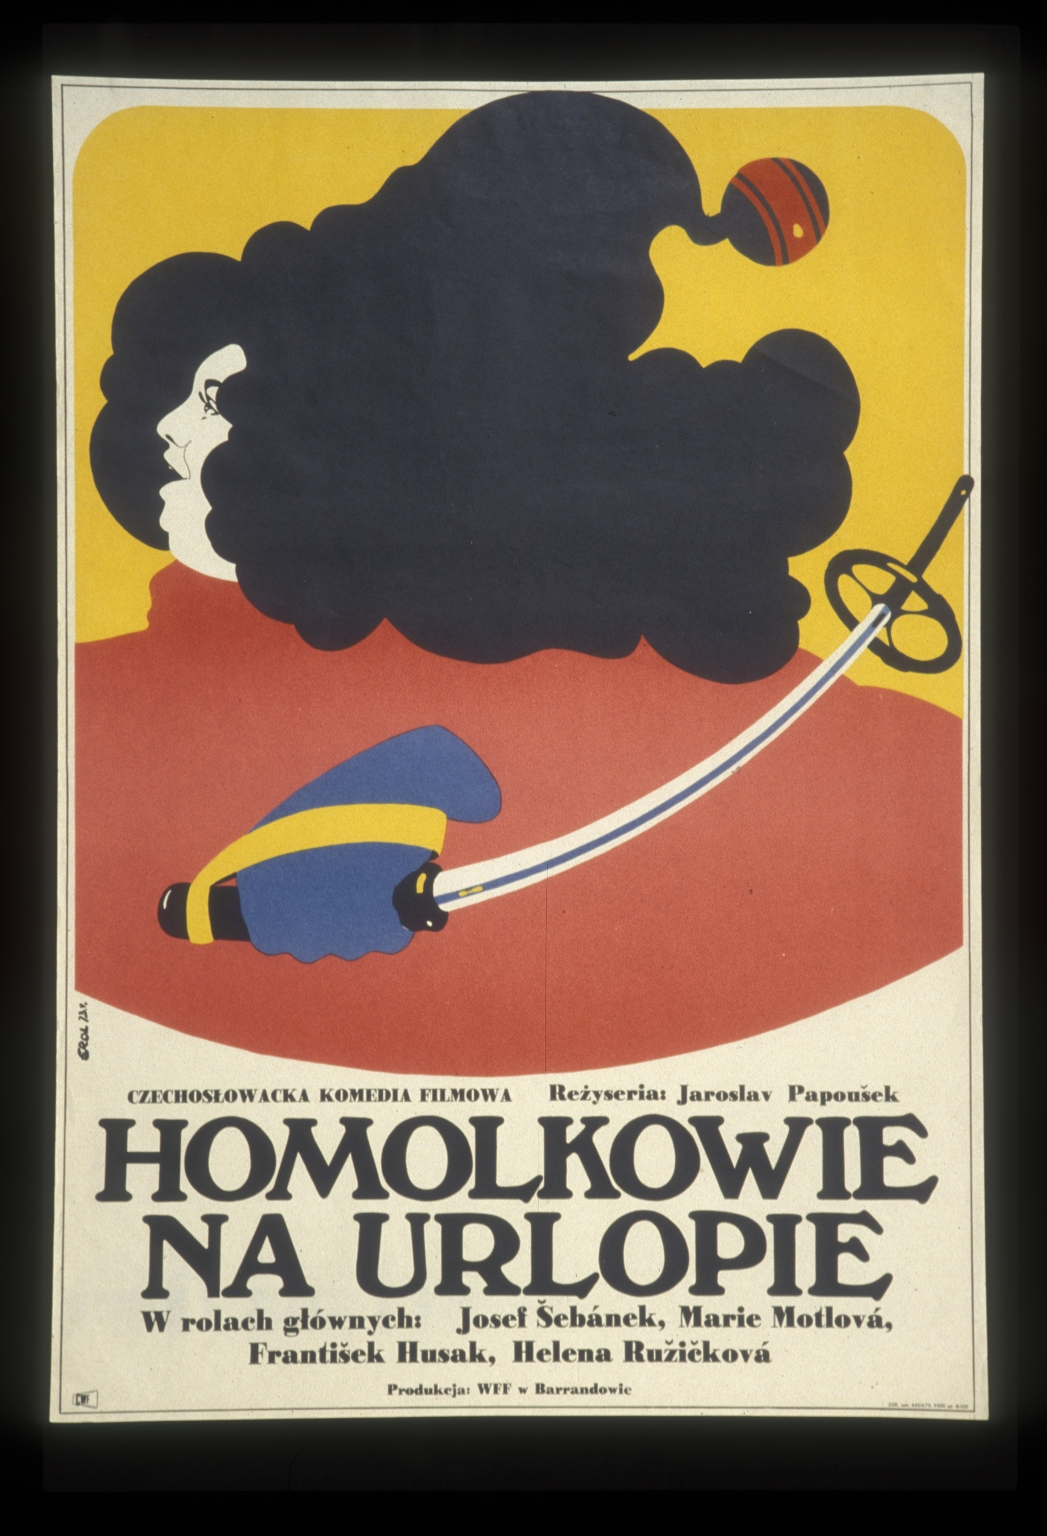 Homolkowie na urlopie: czechoslowcka komedia filmowa